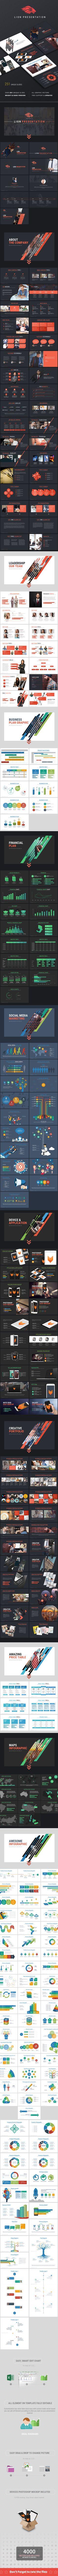 LION - Keynote Template #design #slides Download: http://graphicriver.net/item/lion-keynote-template/12757690?ref=ksioks